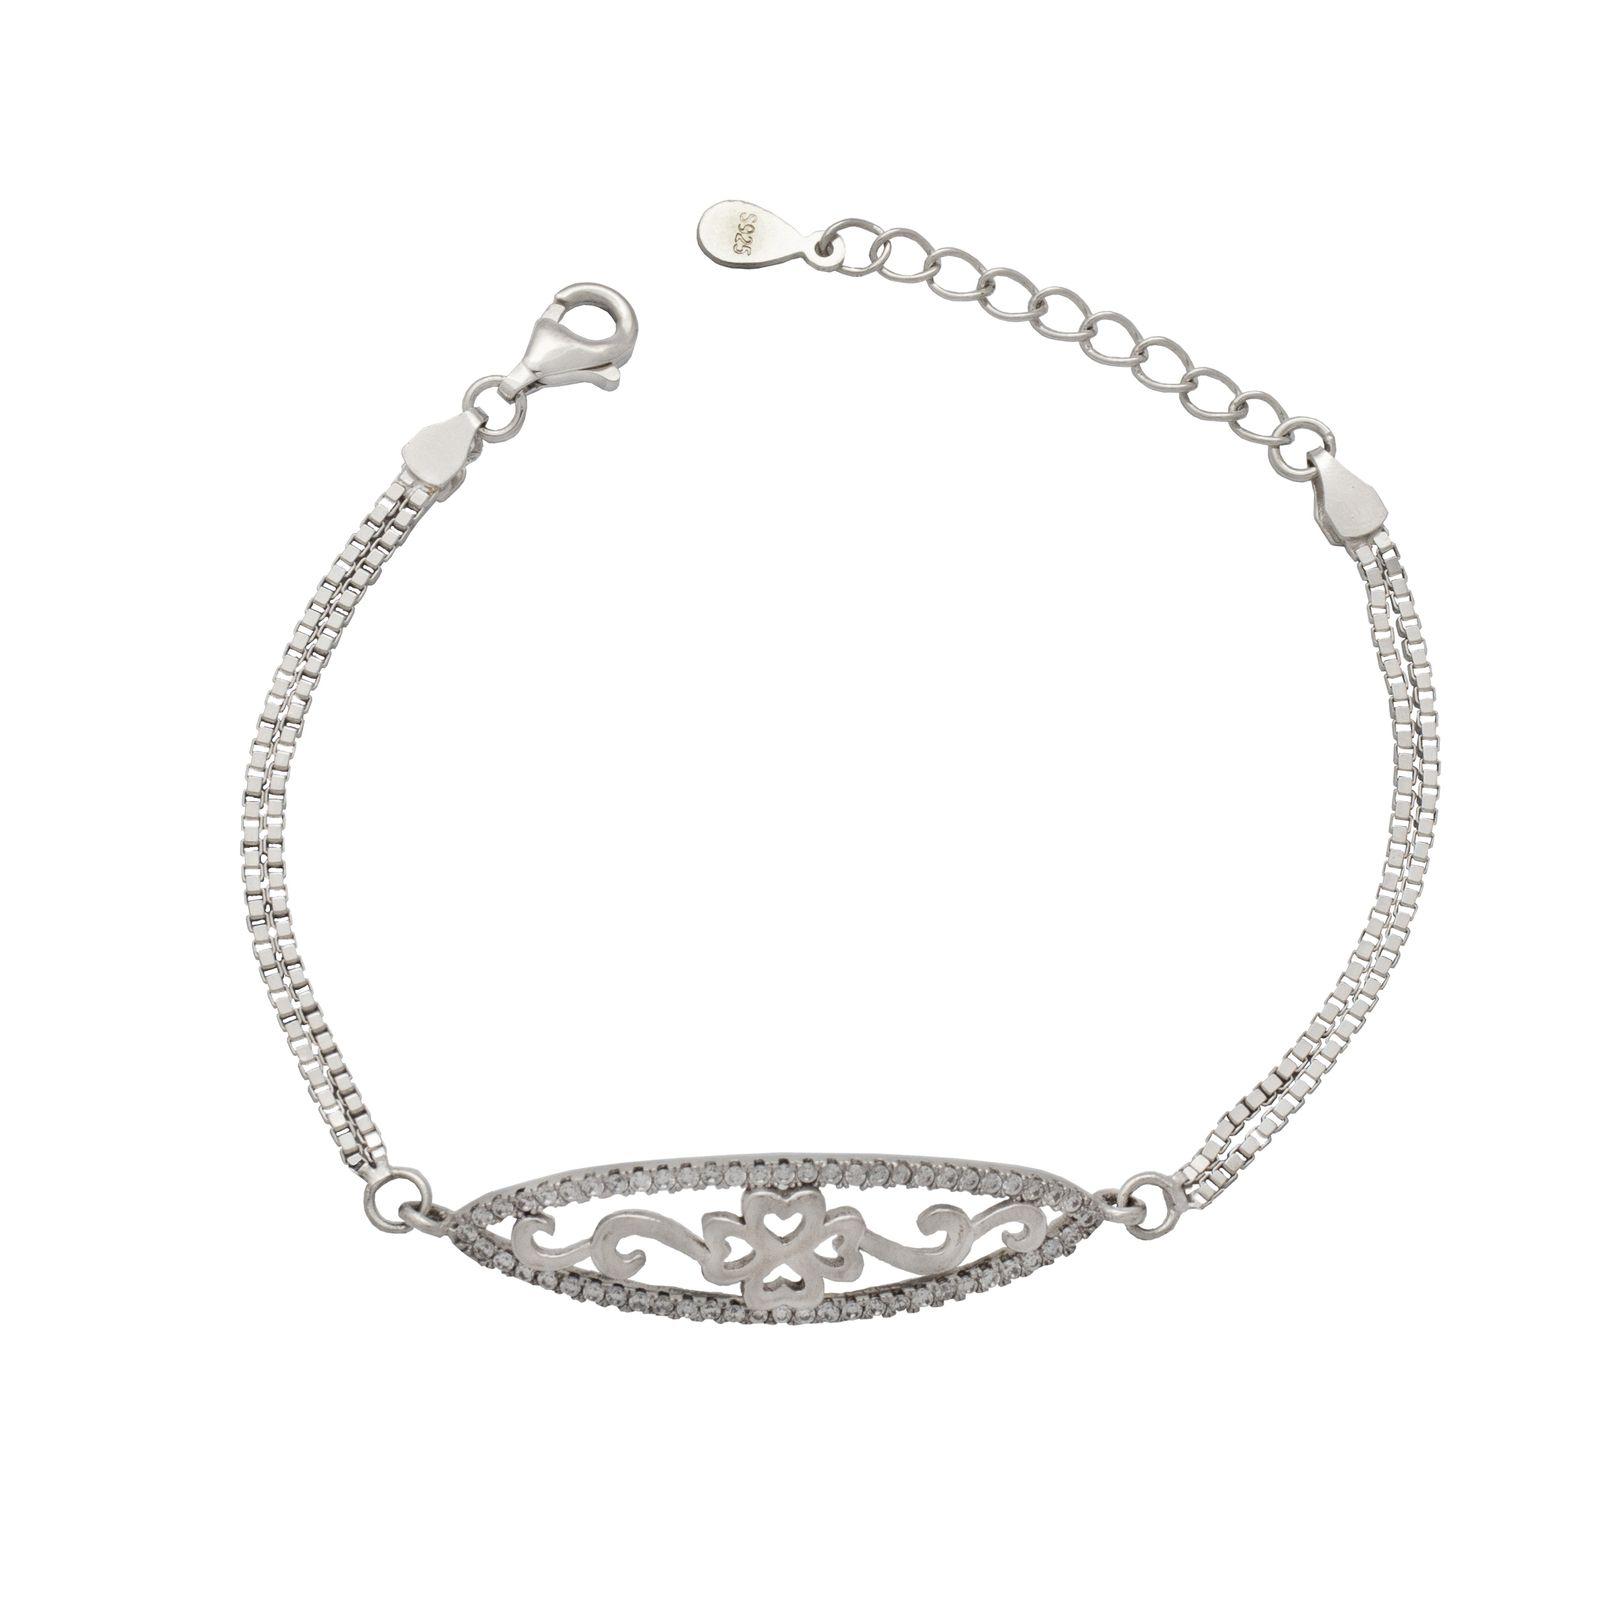 دستبند نقره زنانه کد 406 -  - 2